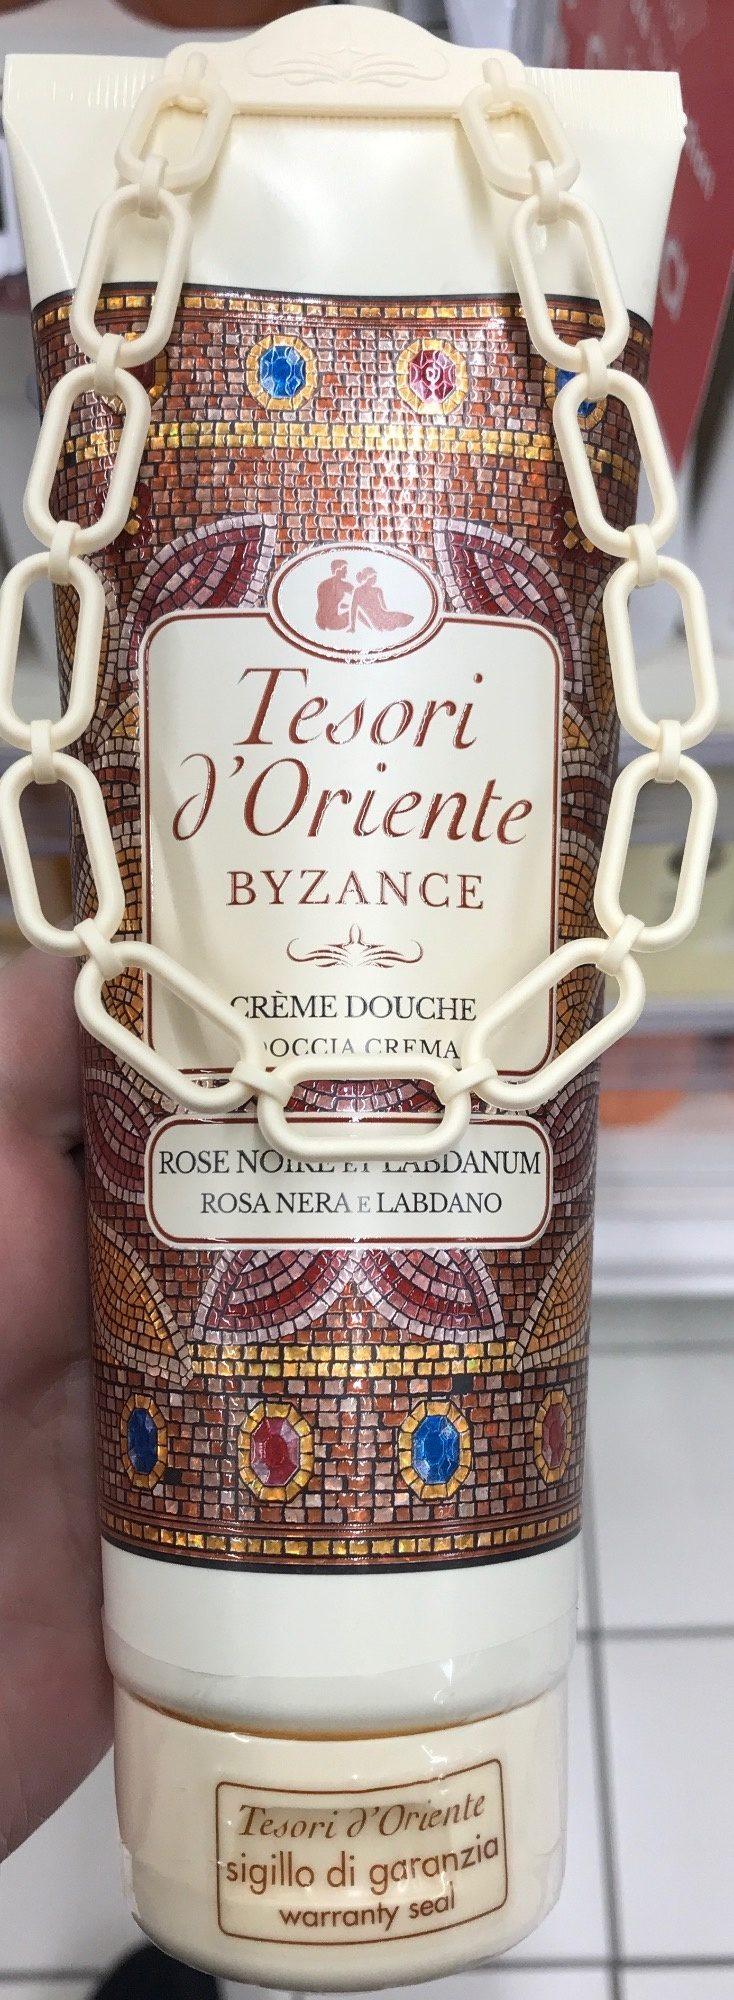 Crème douche Byzance Rose Noire & Labdanum - Product - fr